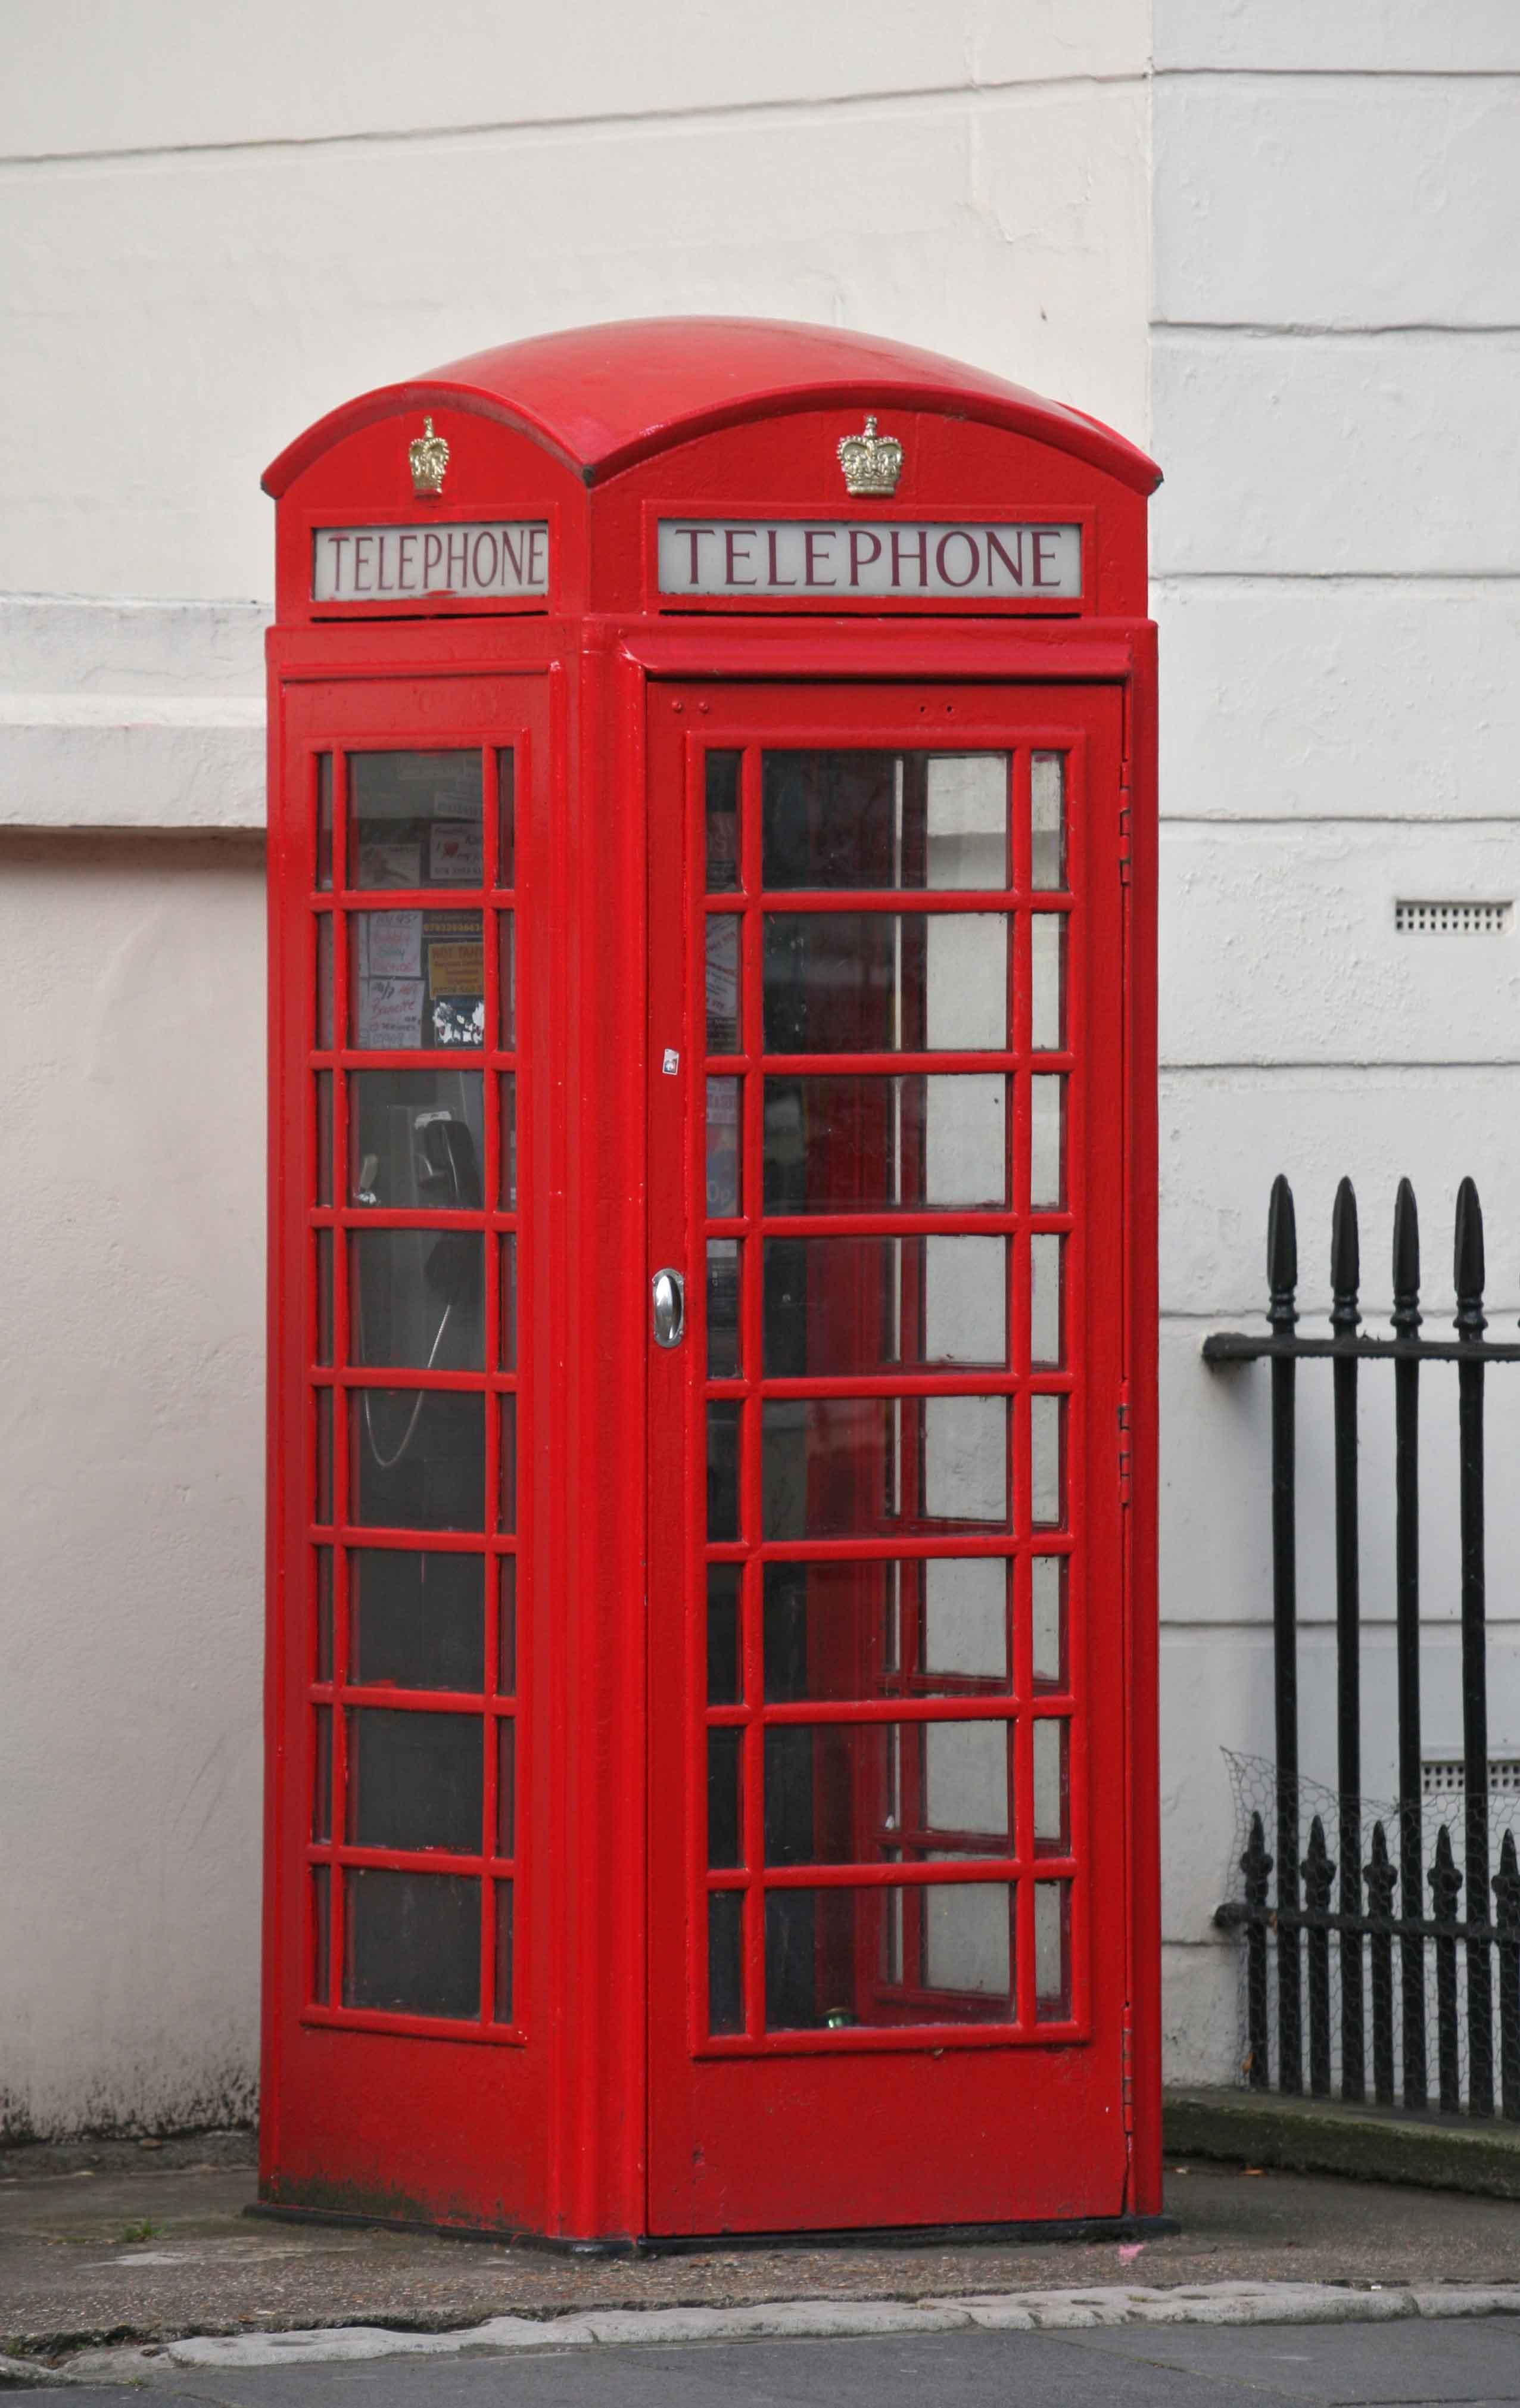 Séjour linguistique Londres : la solution idéale pour améliorer votre anglais